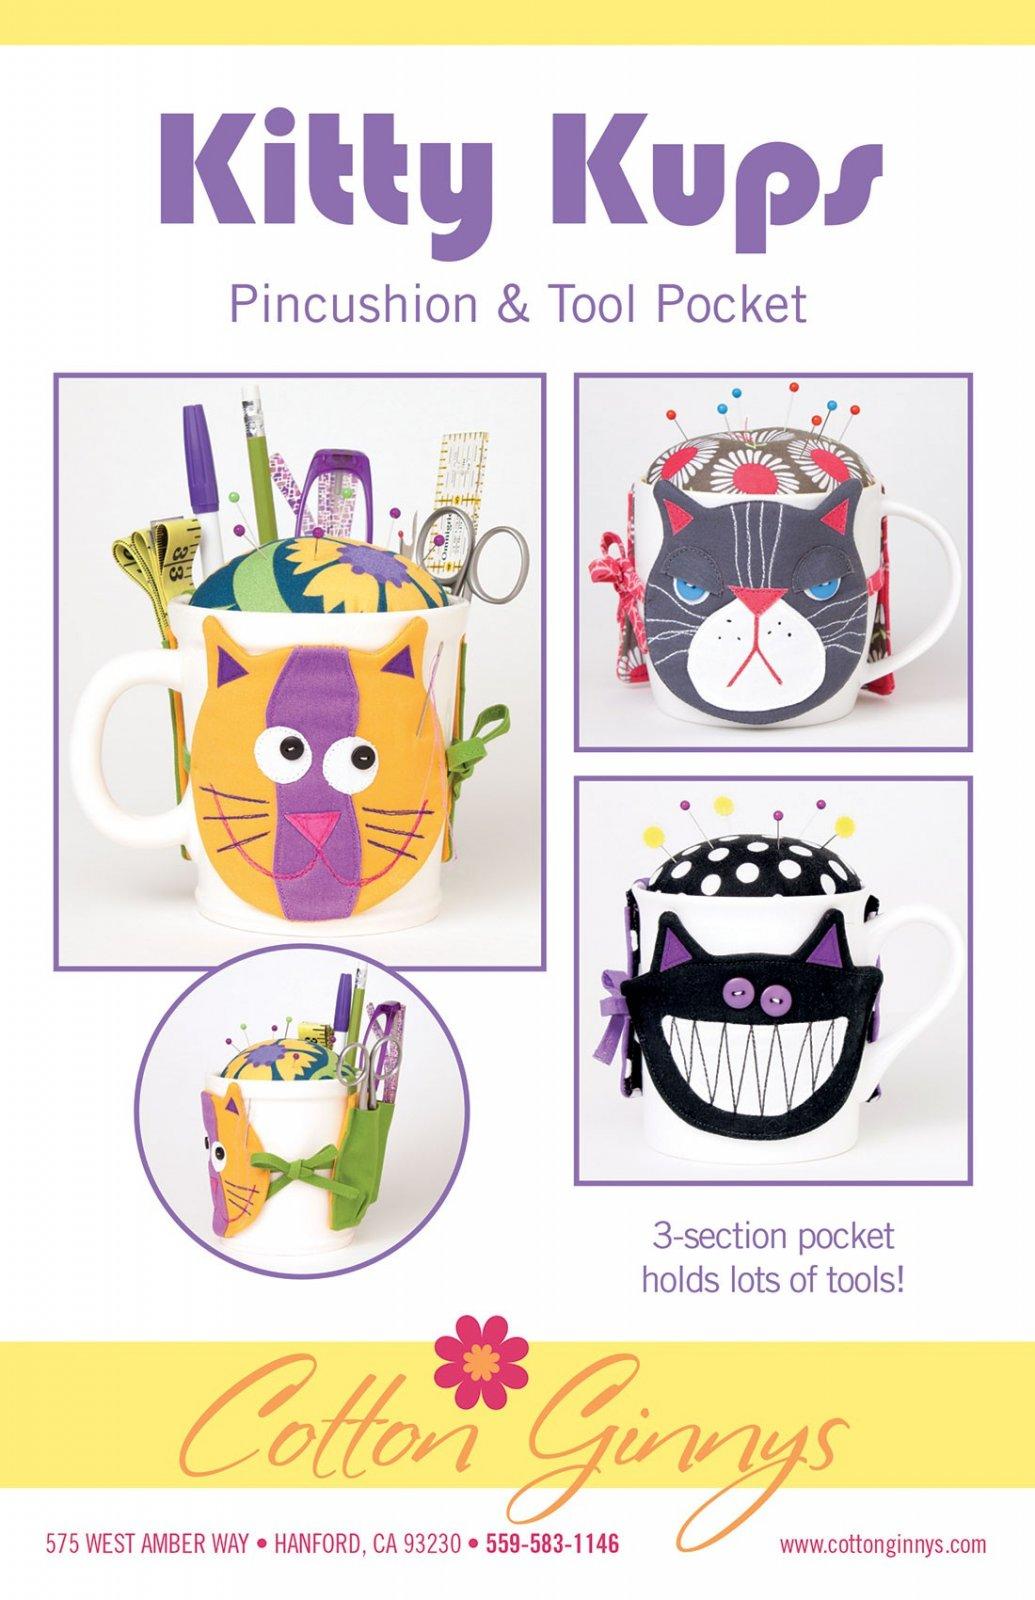 Kitty Kups Pincushion & Tool Pocket